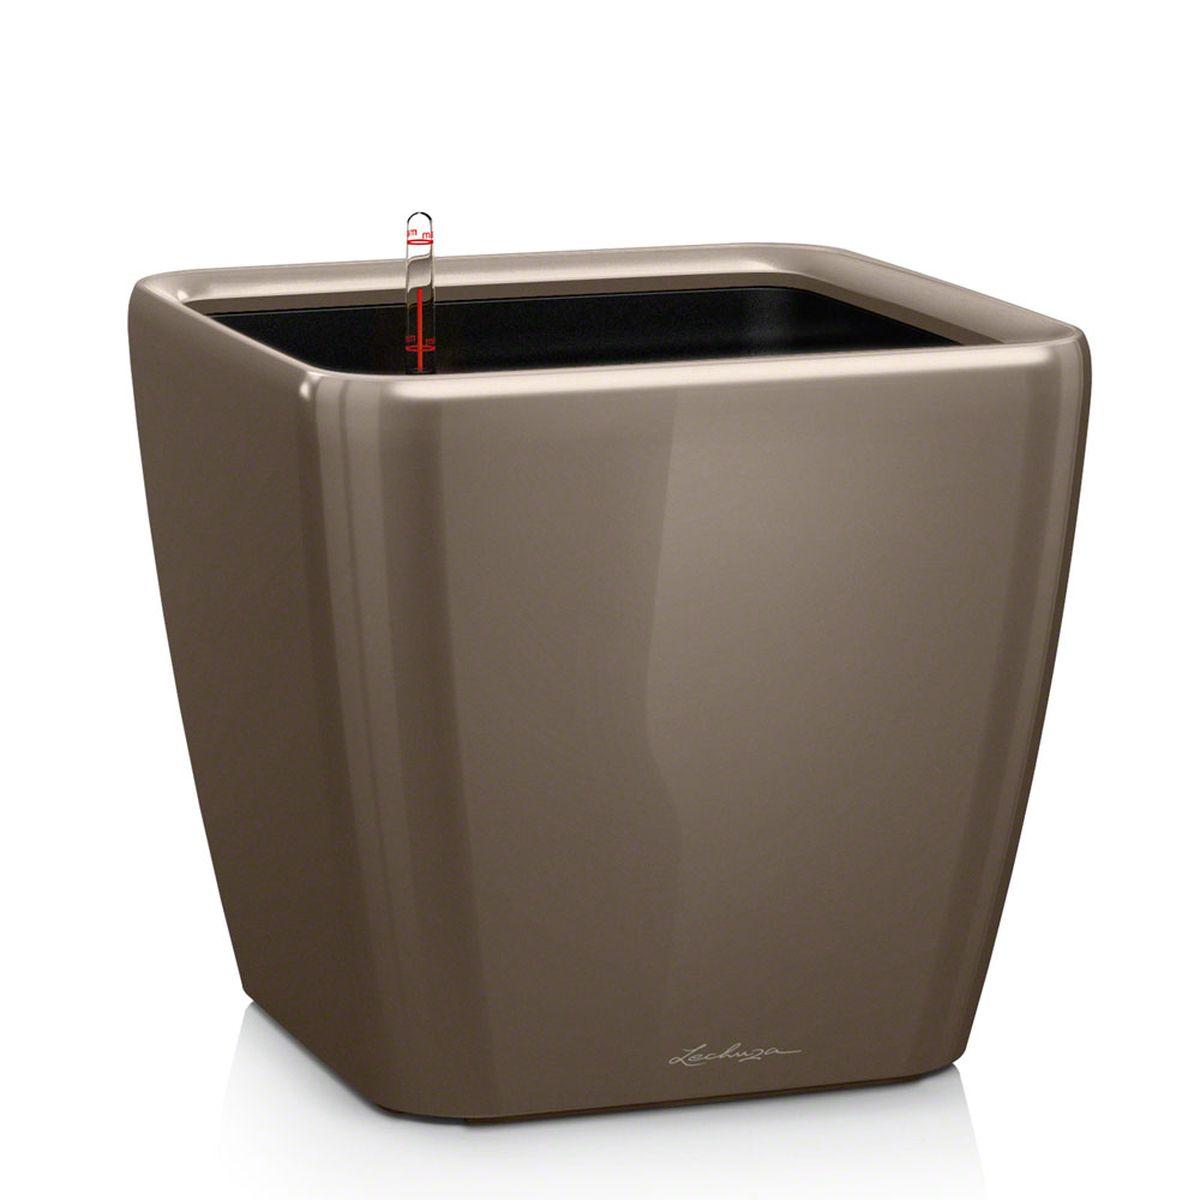 Кашпо Lechuza Quadro, с системой автополива, цвет: серо-коричневый, 21 х 21 х 20 смZ-0307Кашпо Lechuza Quadro, выполненное из высококачественного пластика, имеет уникальную систему автополива, благодаря которой корневая система растения непрерывно снабжается влагой из резервуара. Уровень воды в резервуаре контролируется с помощью специального индикатора. В зависимости от размера кашпо и растения воды хватает на 2-12 недель. Это способствует хорошему росту цветов и предотвращает переувлажнение.В набор входит: кашпо, внутренний горшок с выдвижной эргономичной ручкой, индикатор уровня воды, вал подачи воды, субстрат растений в качестве дренажного слоя, резервуар для воды.Кашпо Lechuza Quadro прекрасно впишется в любой интерьер. Оно поможет расставить нужные акценты, а также придаст помещению вид, соответствующий вашим представлениям.